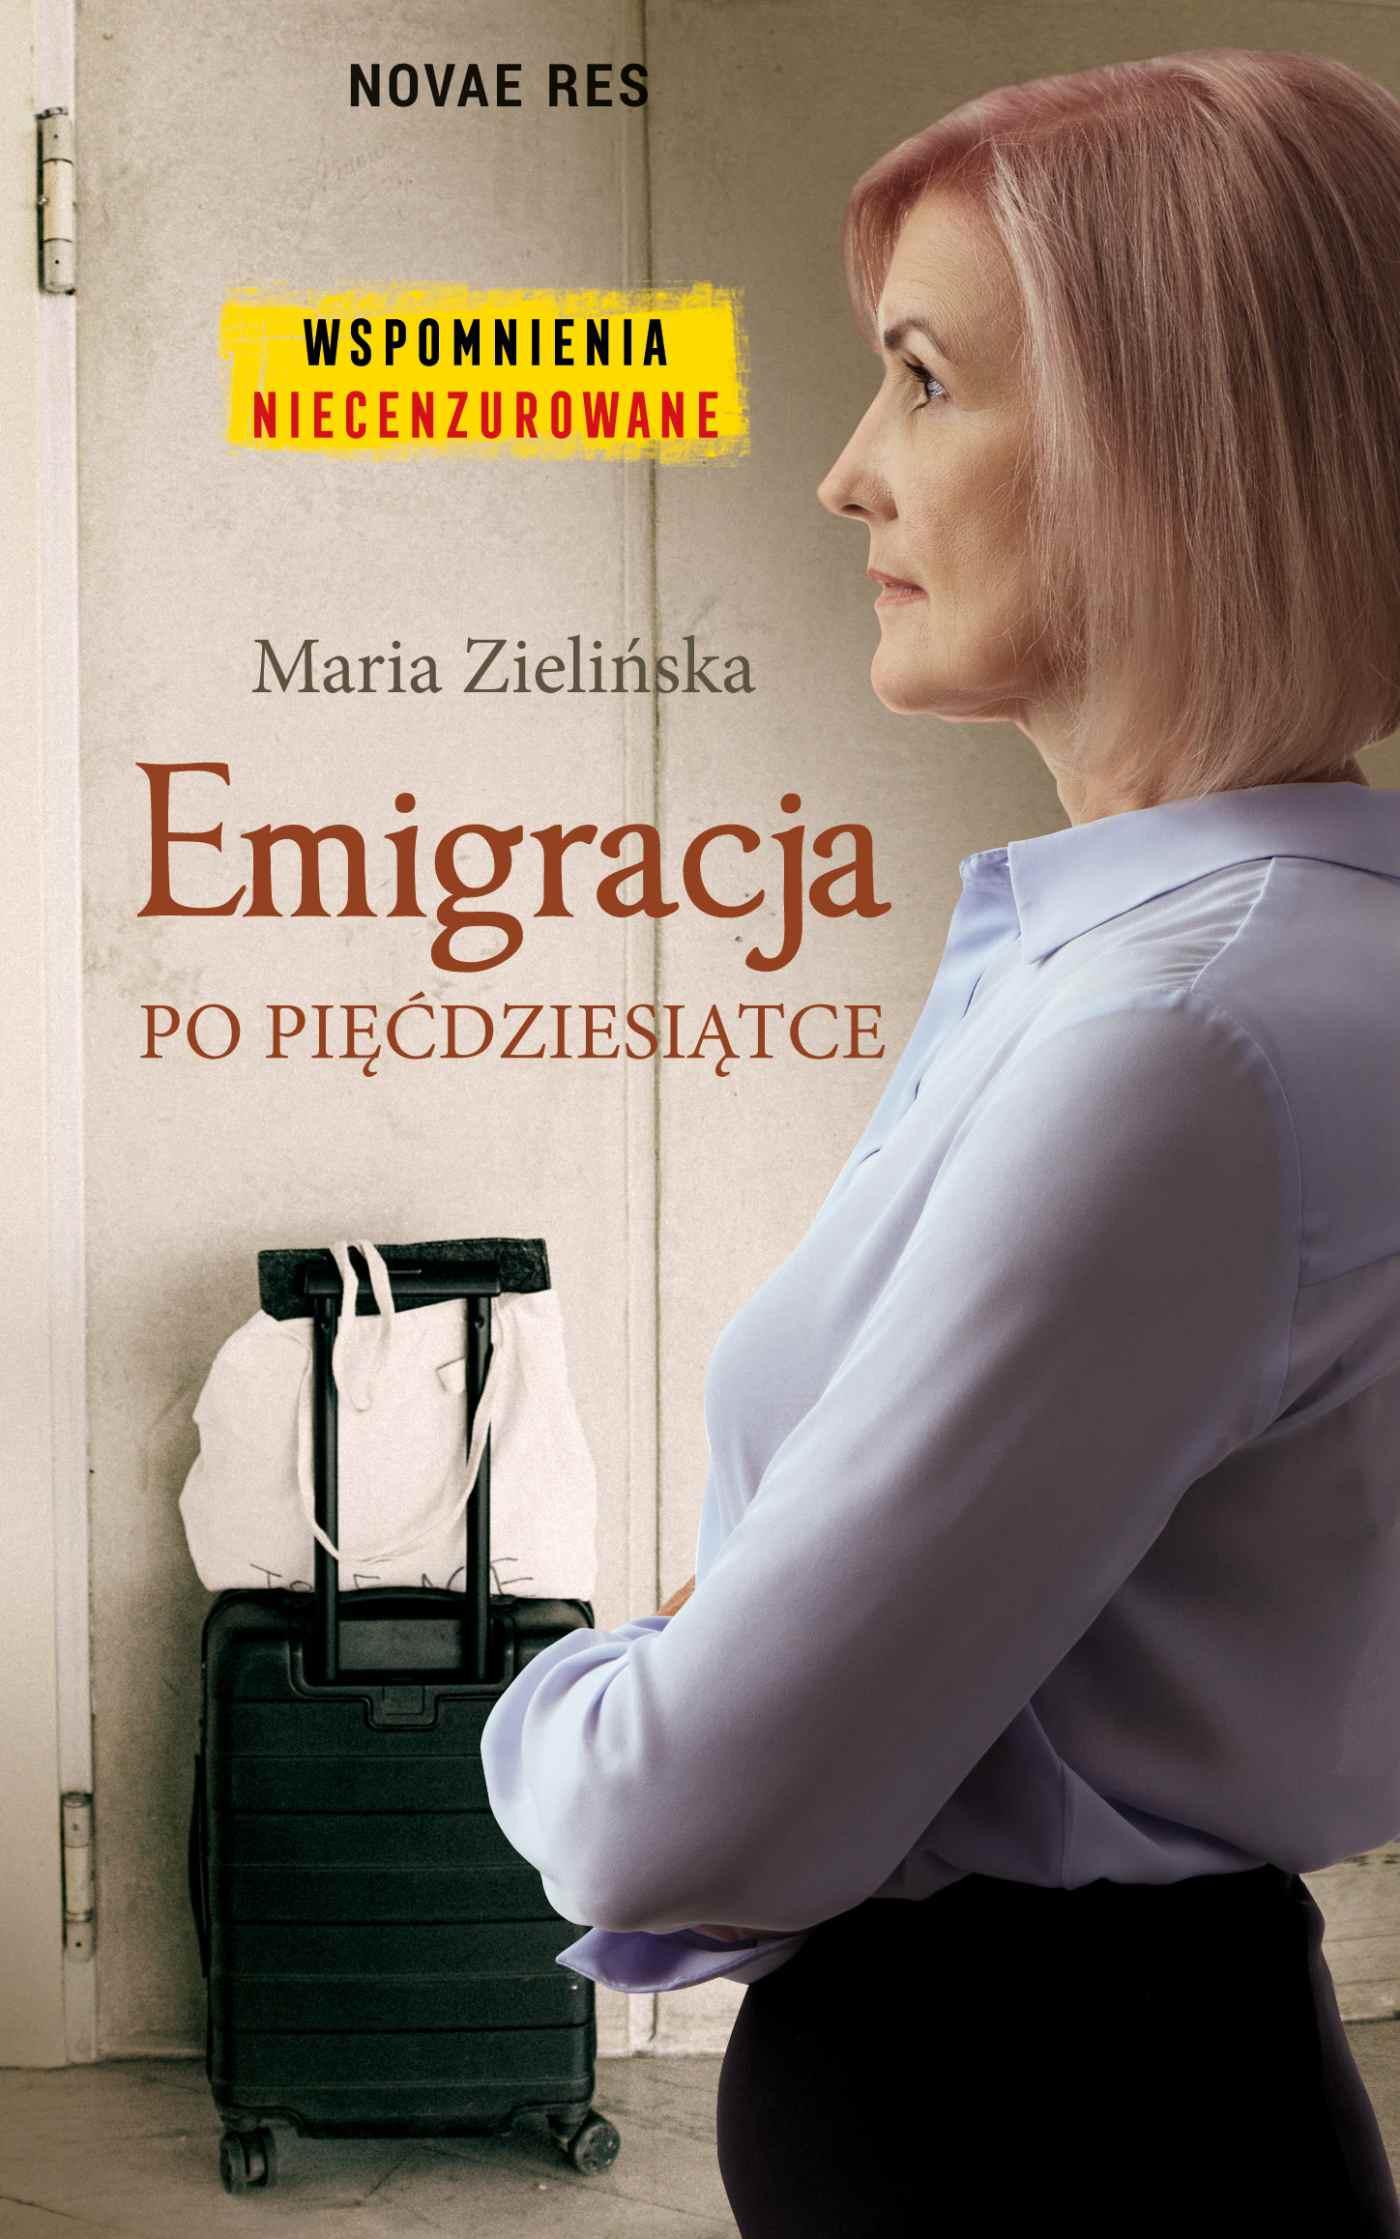 Emigracja po pięćdziesiątce - Ebook (Książka EPUB) do pobrania w formacie EPUB